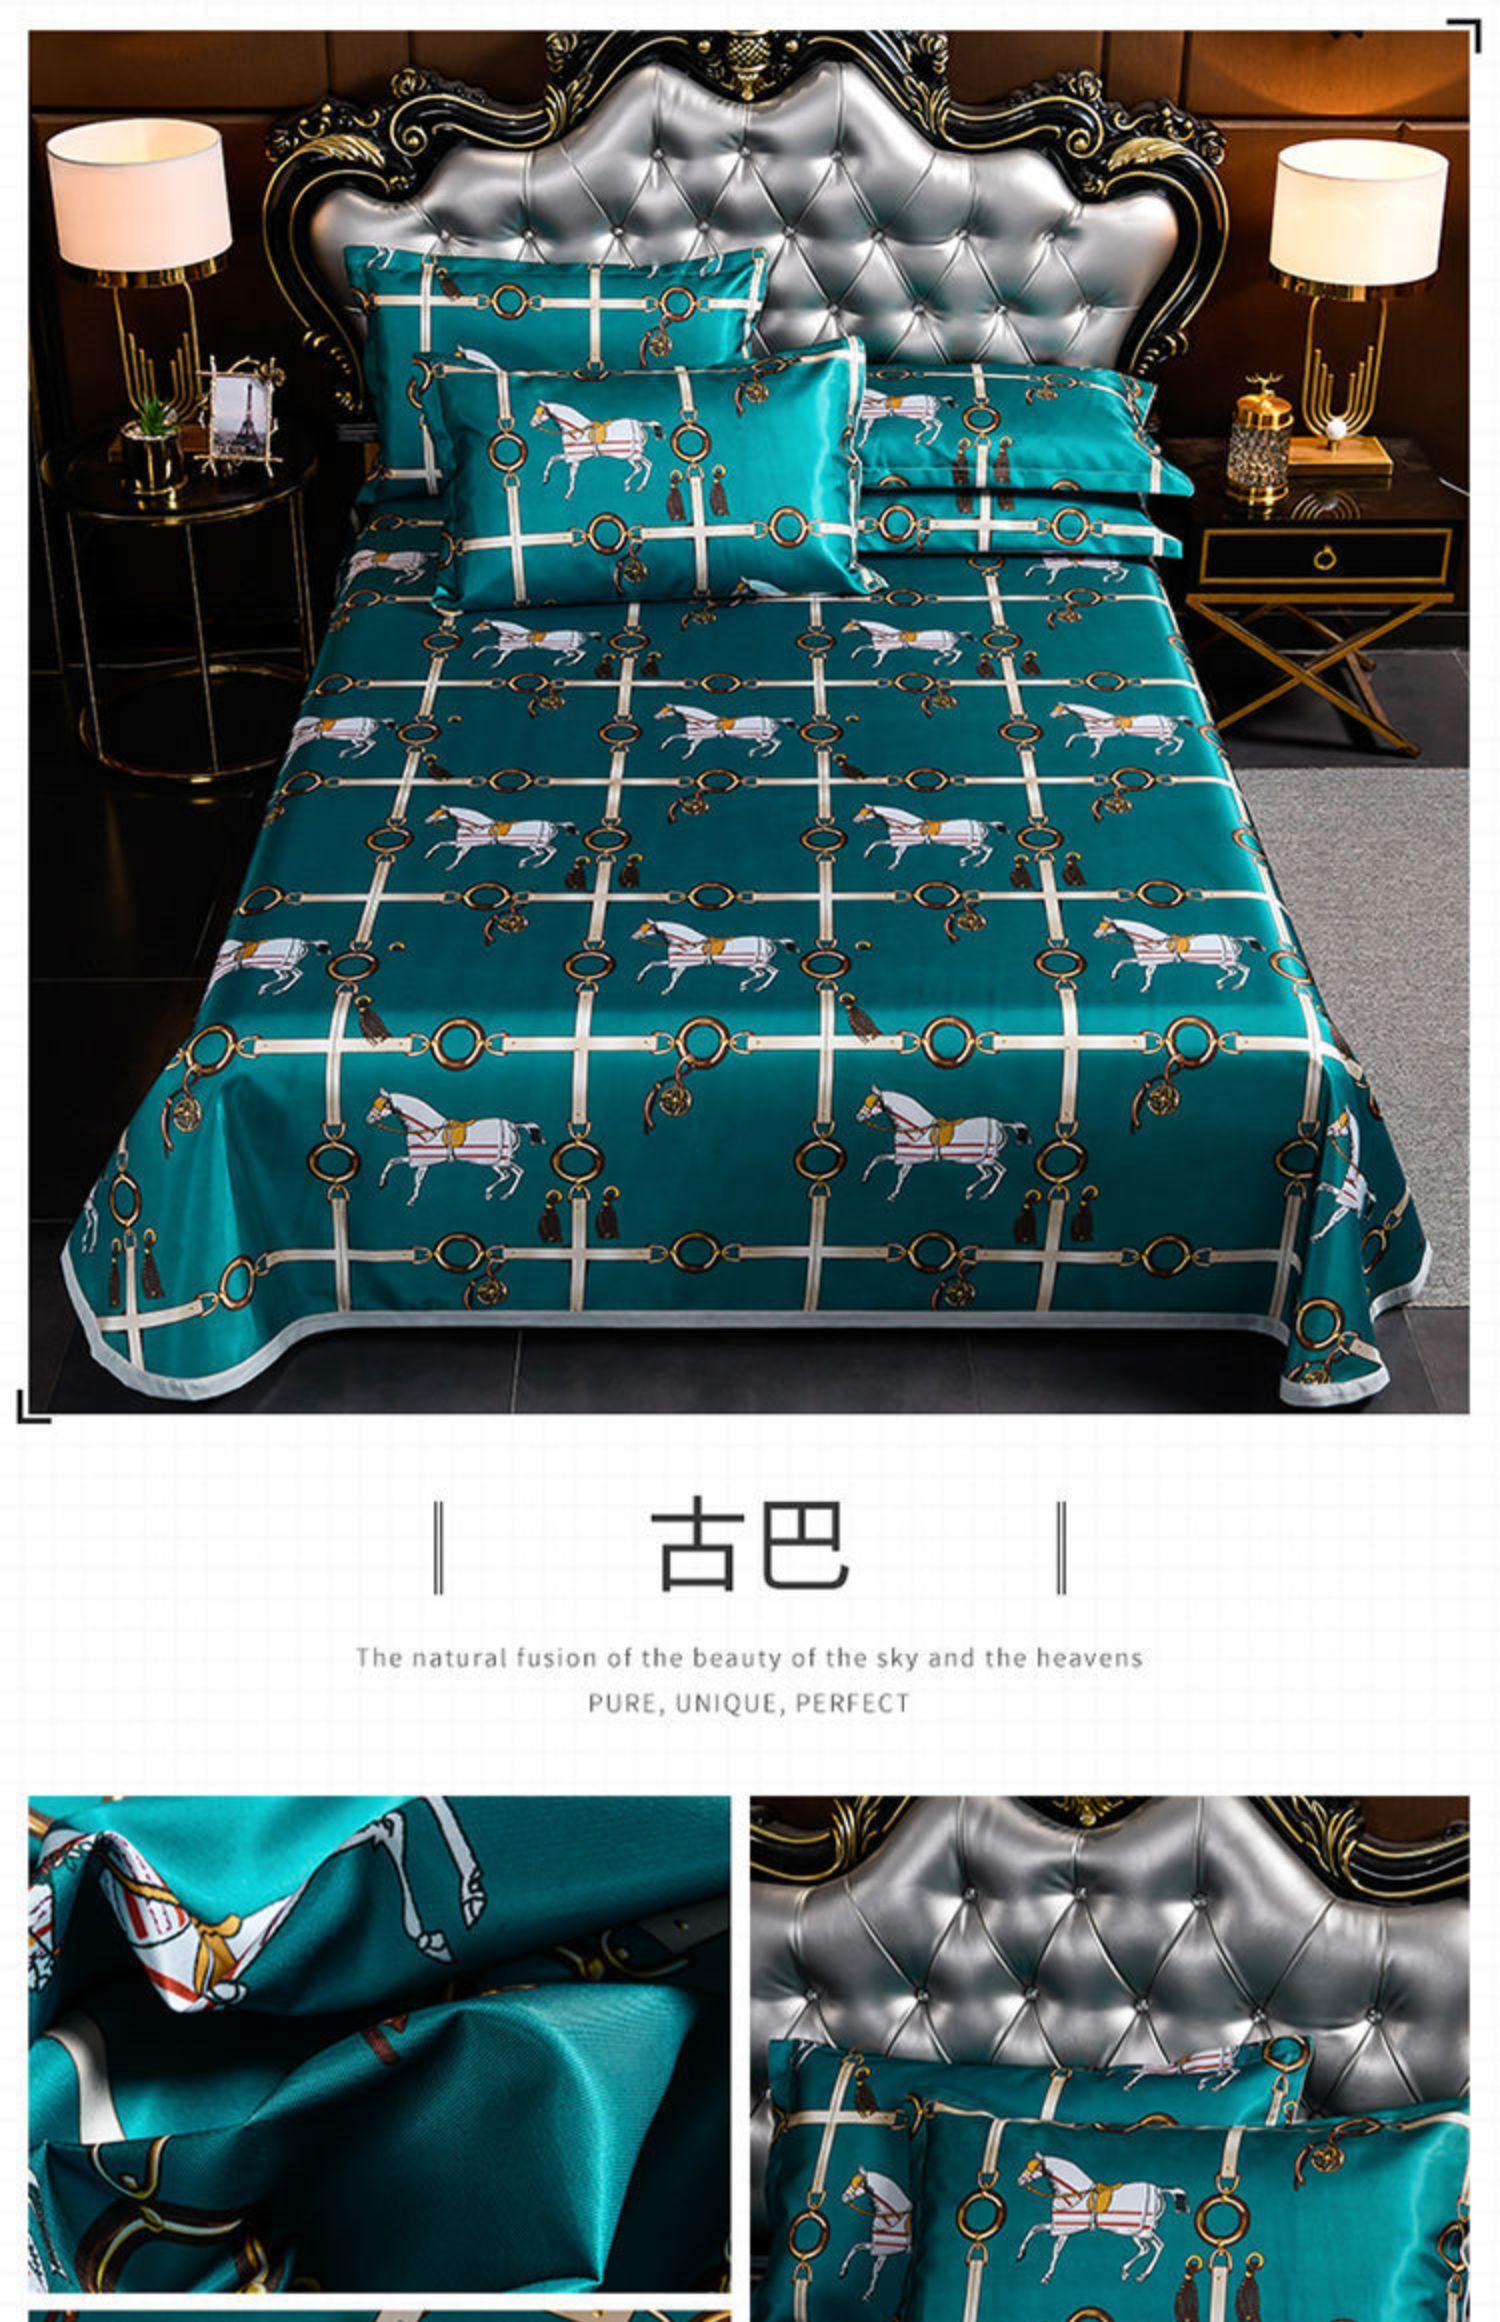 凉席冰丝席三件套床单双人家用折叠空调软席